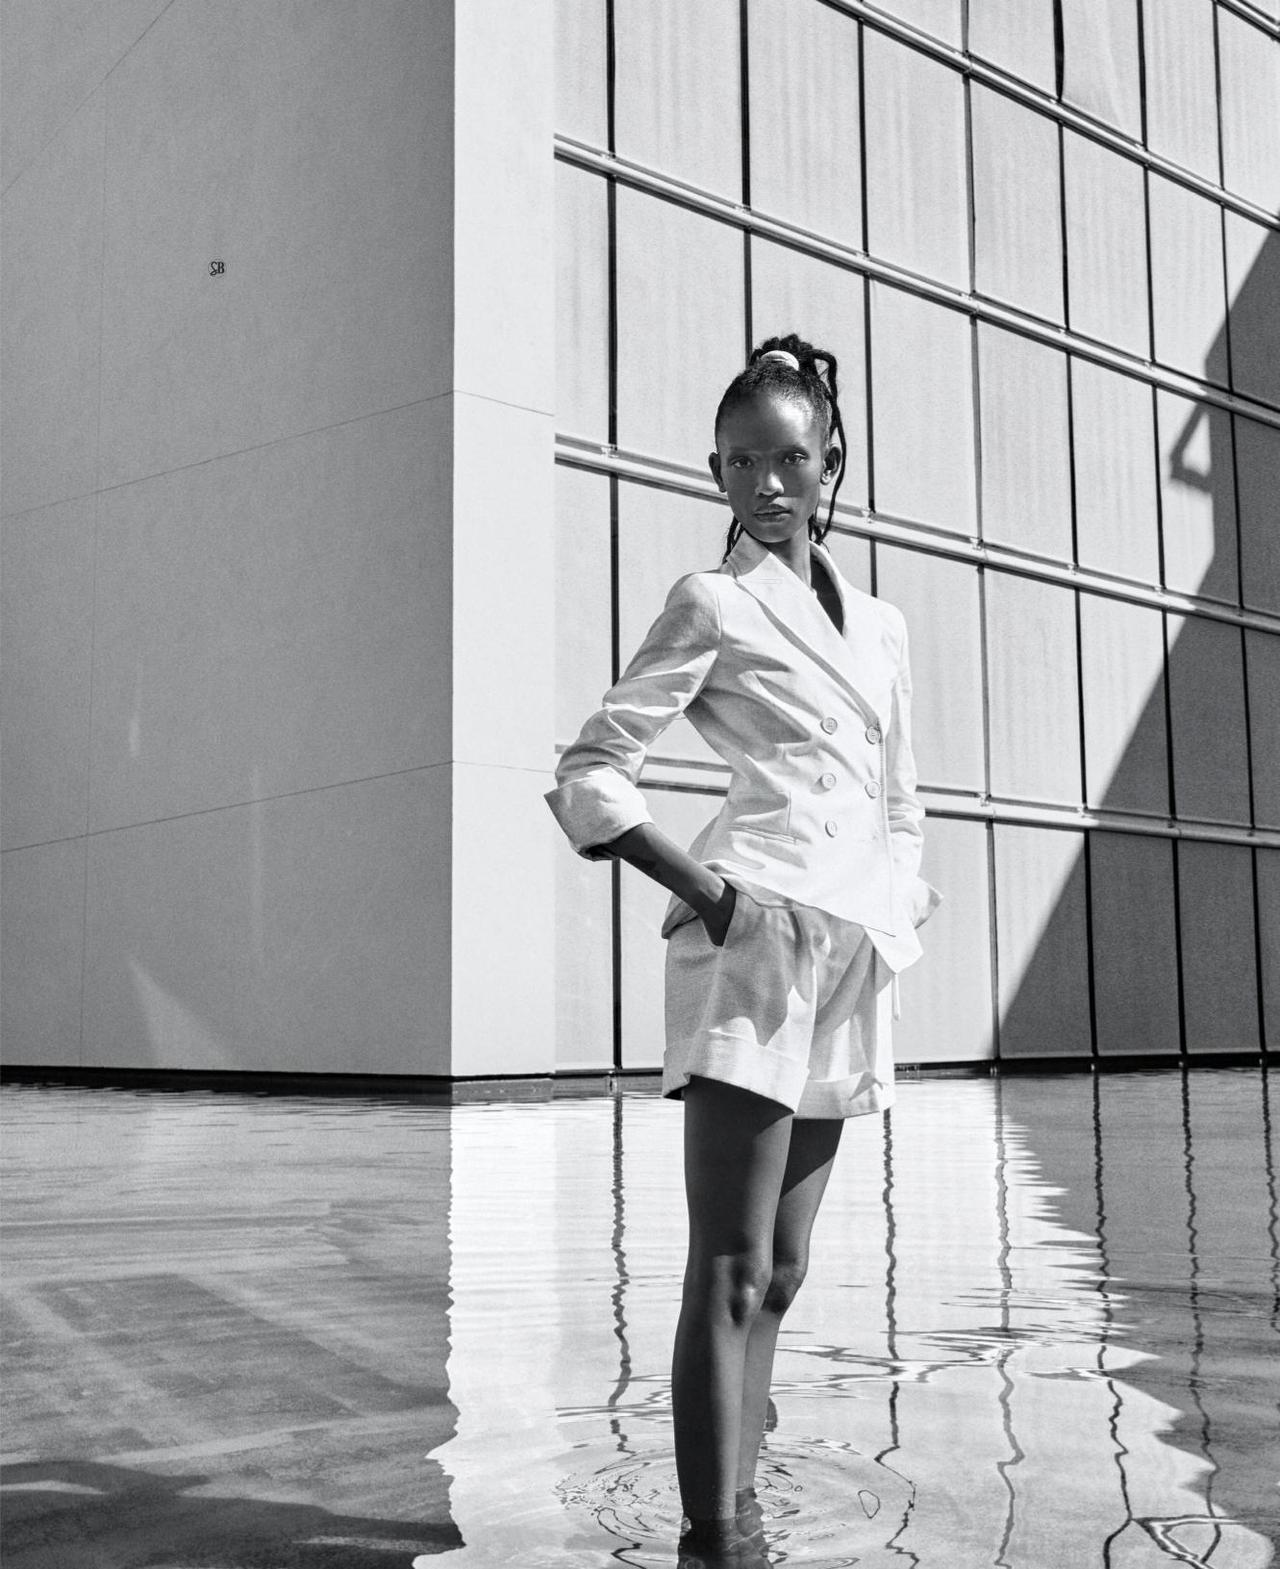 Adesuwa-Aighewi-Sebastian-Kim-Harpers-Bazaar- US-April-2019- (3).jpg